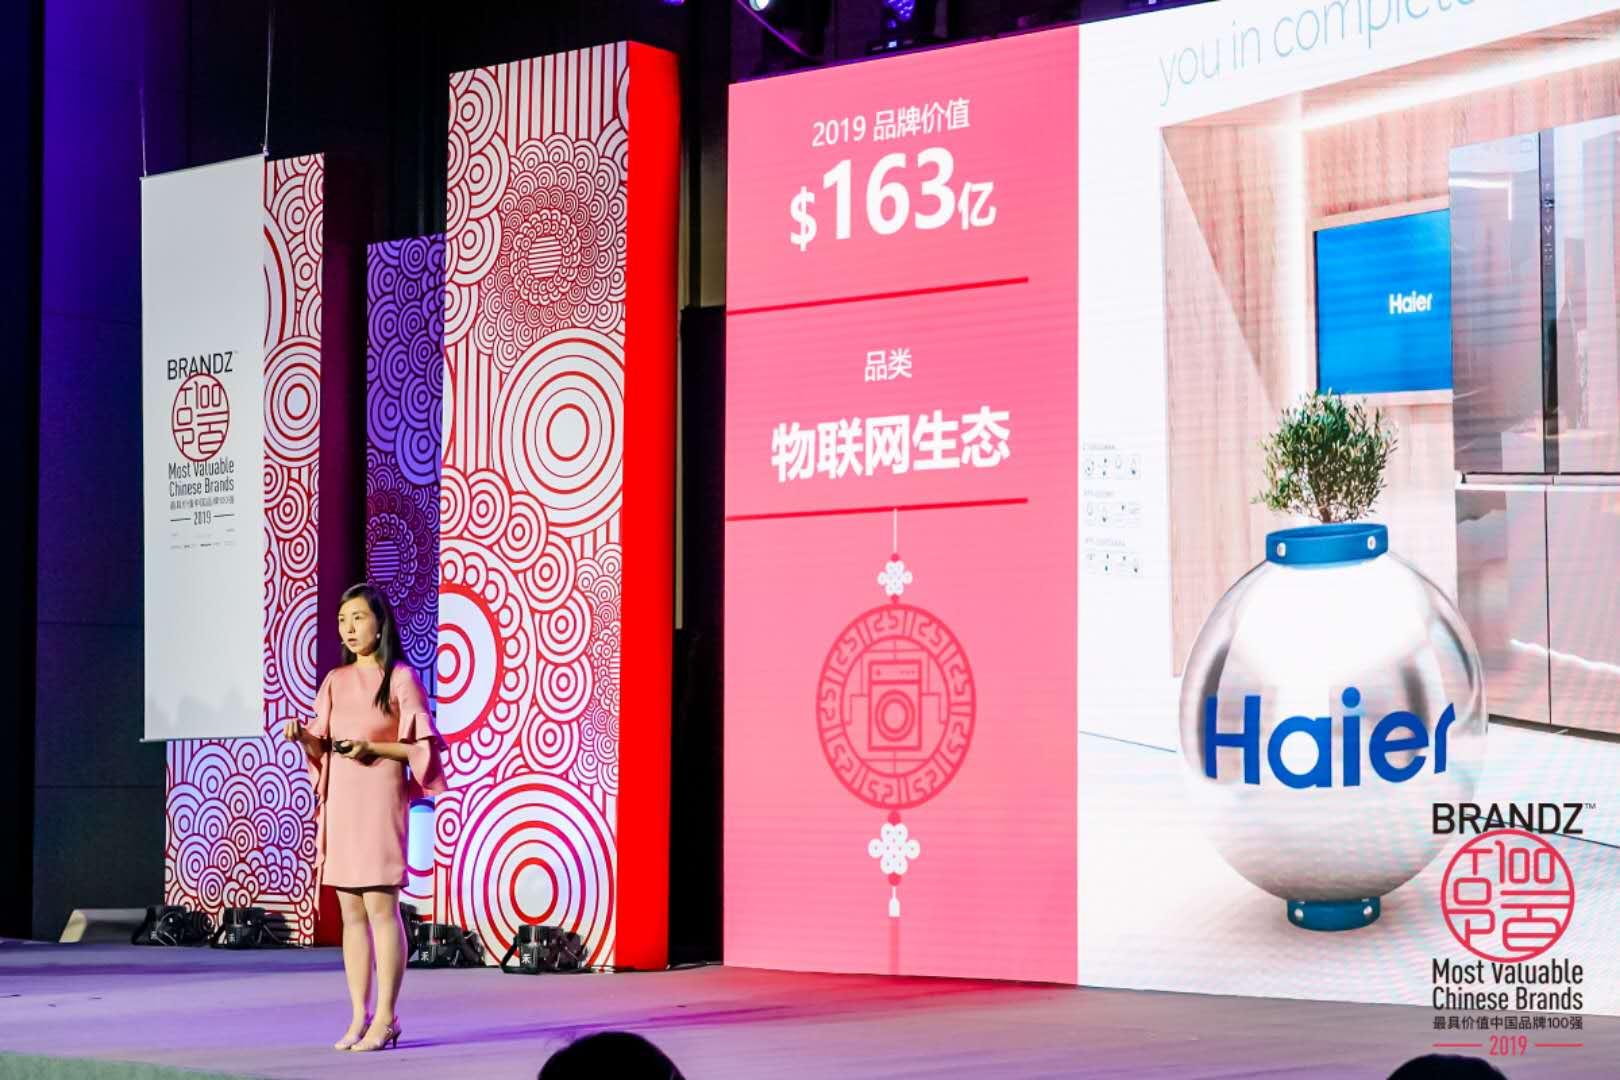 海尔物联网幕后战略:IoT时代是生态系统的竞争